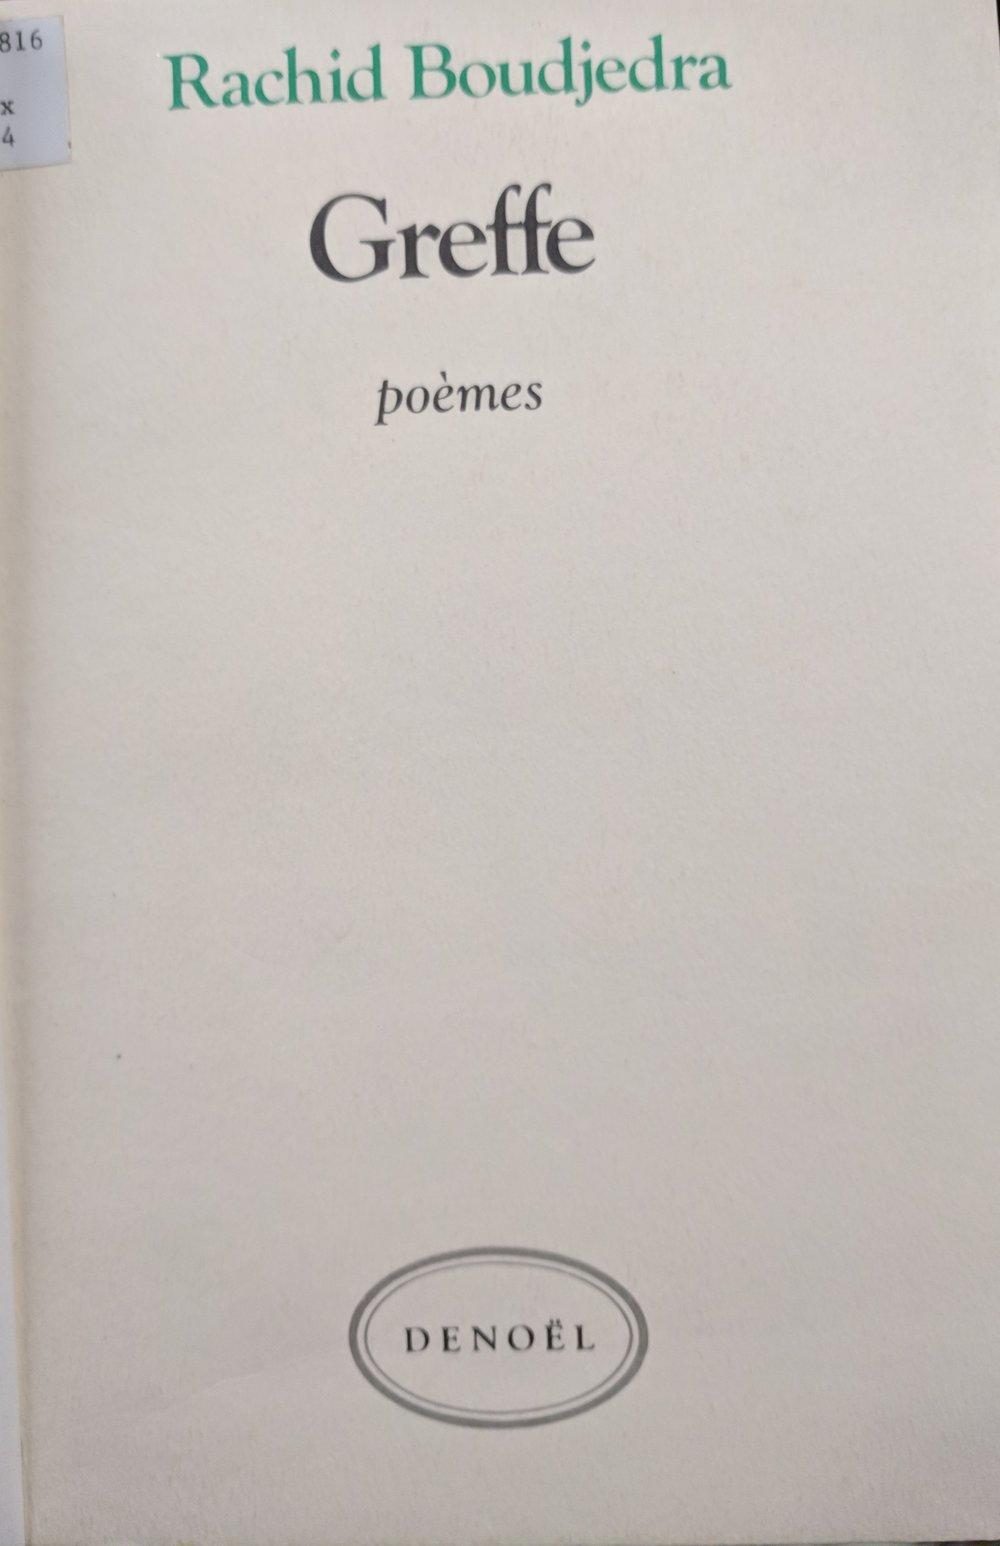 Rachid Boudjedra, traduits de l'arabe par Antoine Moussali en collaboration avec l'auteur (Paris: Denoël, 1984)